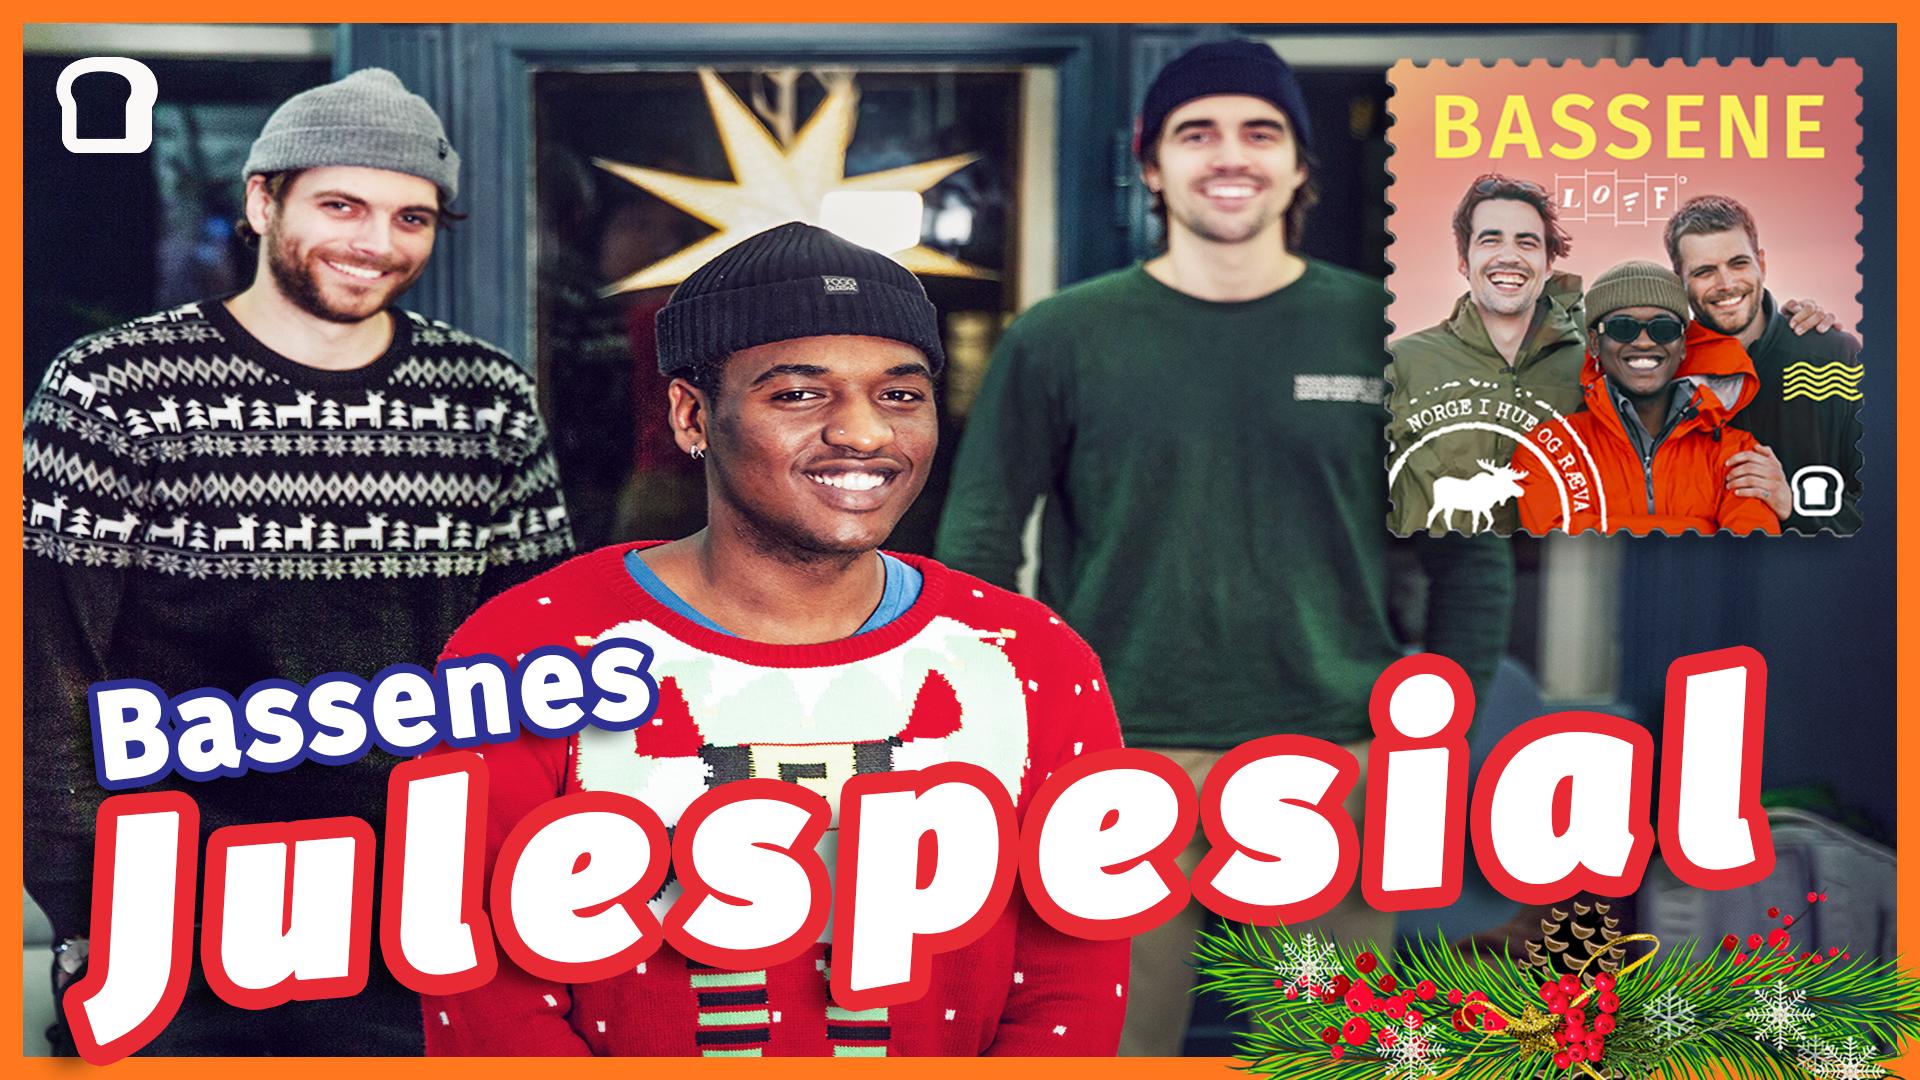 Julespesial! Bassene vurderer å gå ut i streik, Emil byr på nydelig julemat og Safari forteller om sin siste jul i Zambia.